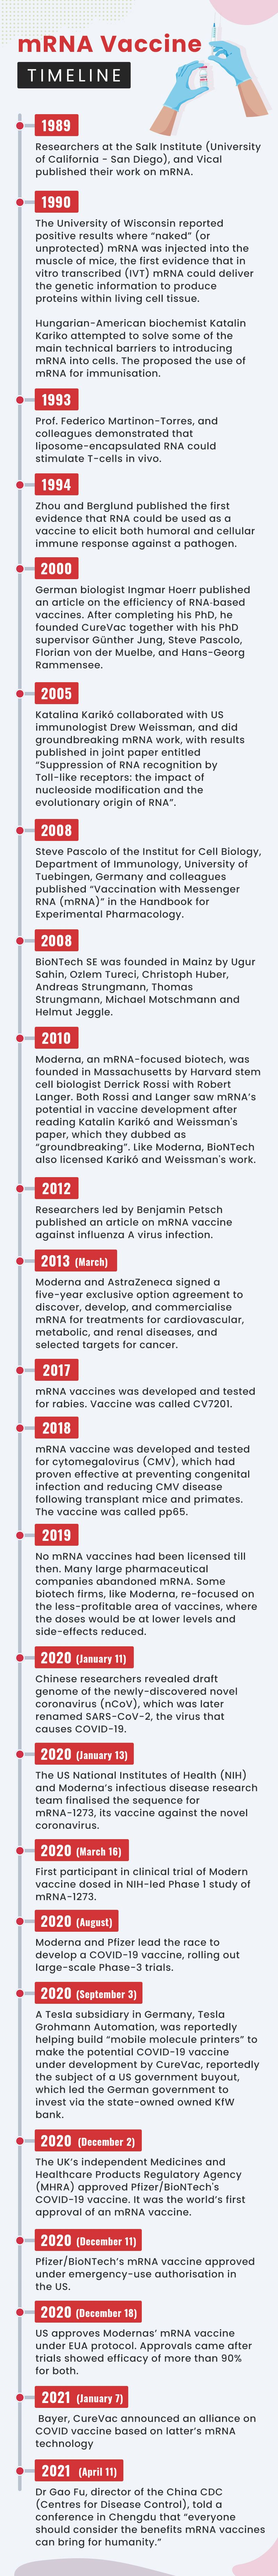 mRNA Vaccine Timeline